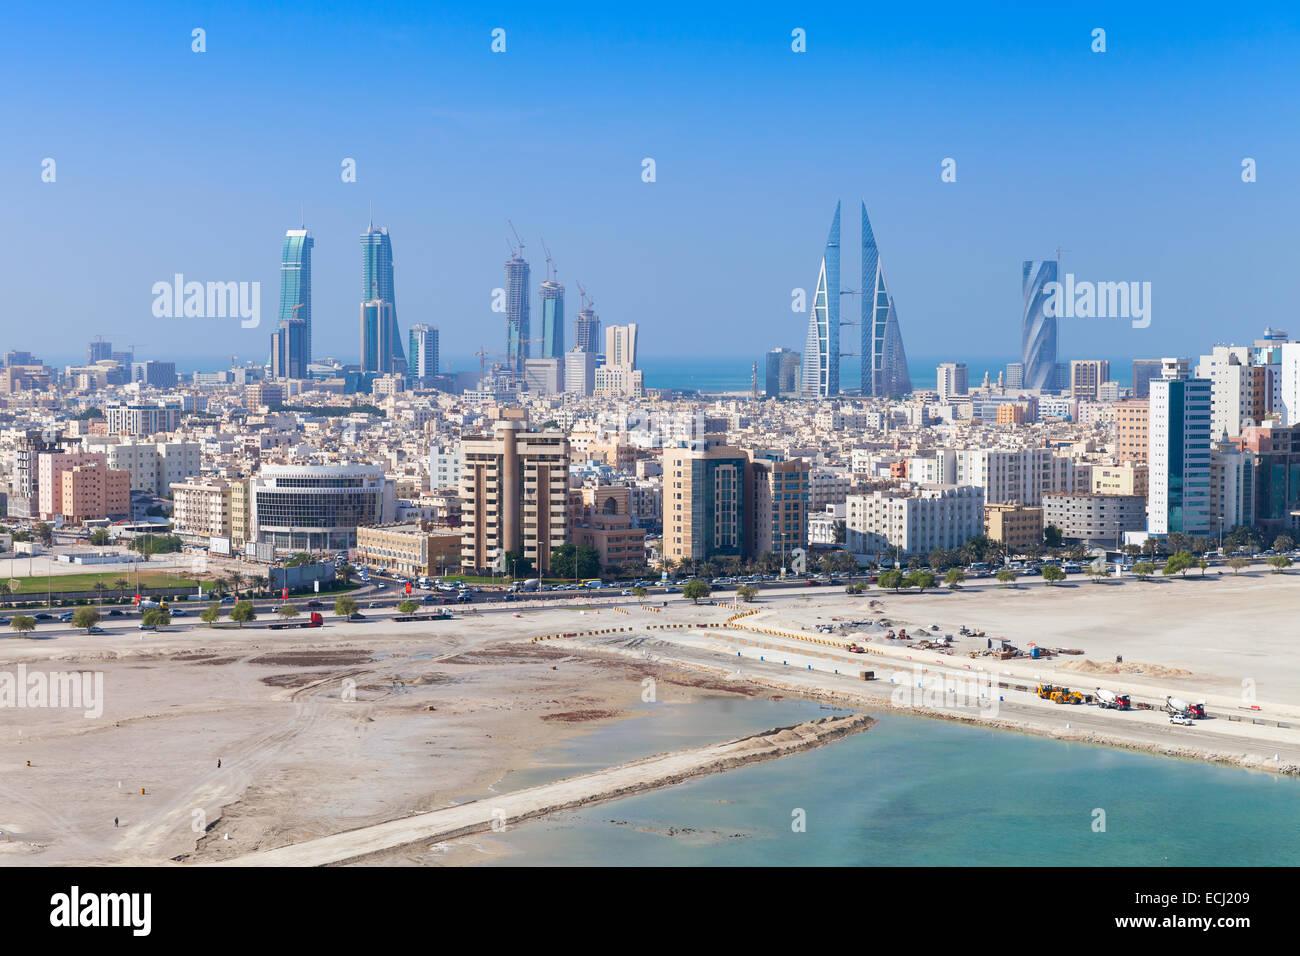 Vue d'oiseau de la ville de Manama, Bahreïn. Skyline avec les gratte-ciel modernes debout sur la côte Photo Stock